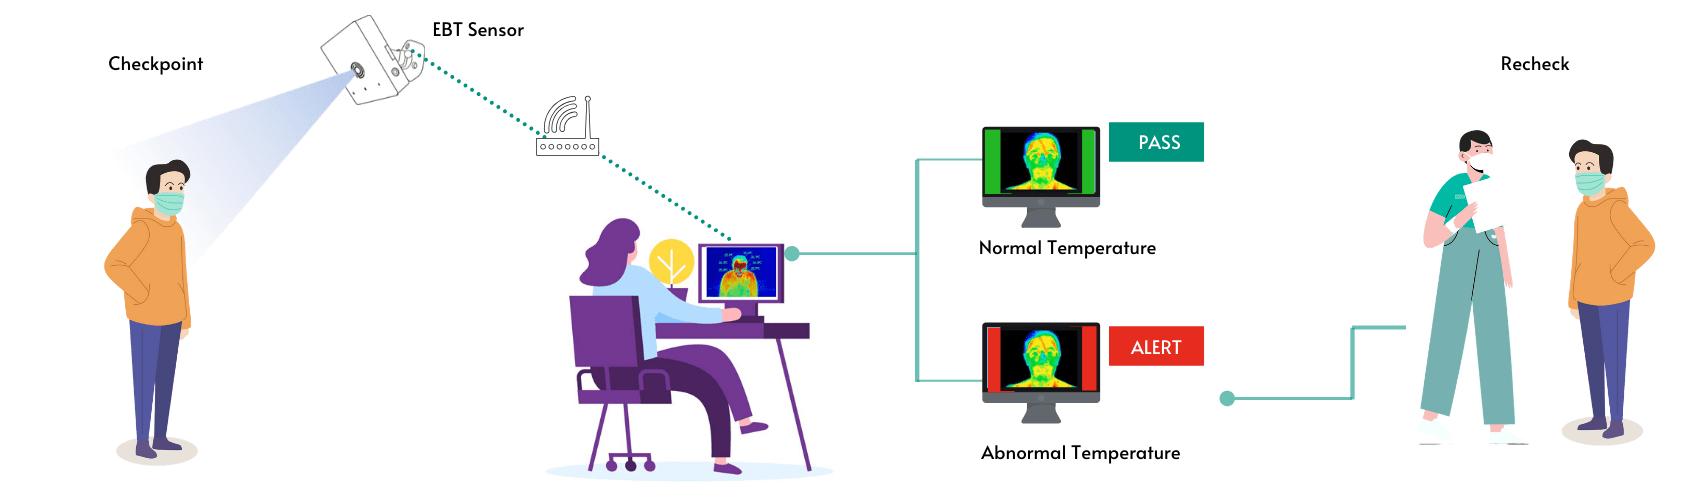 EBT Thermal Screener